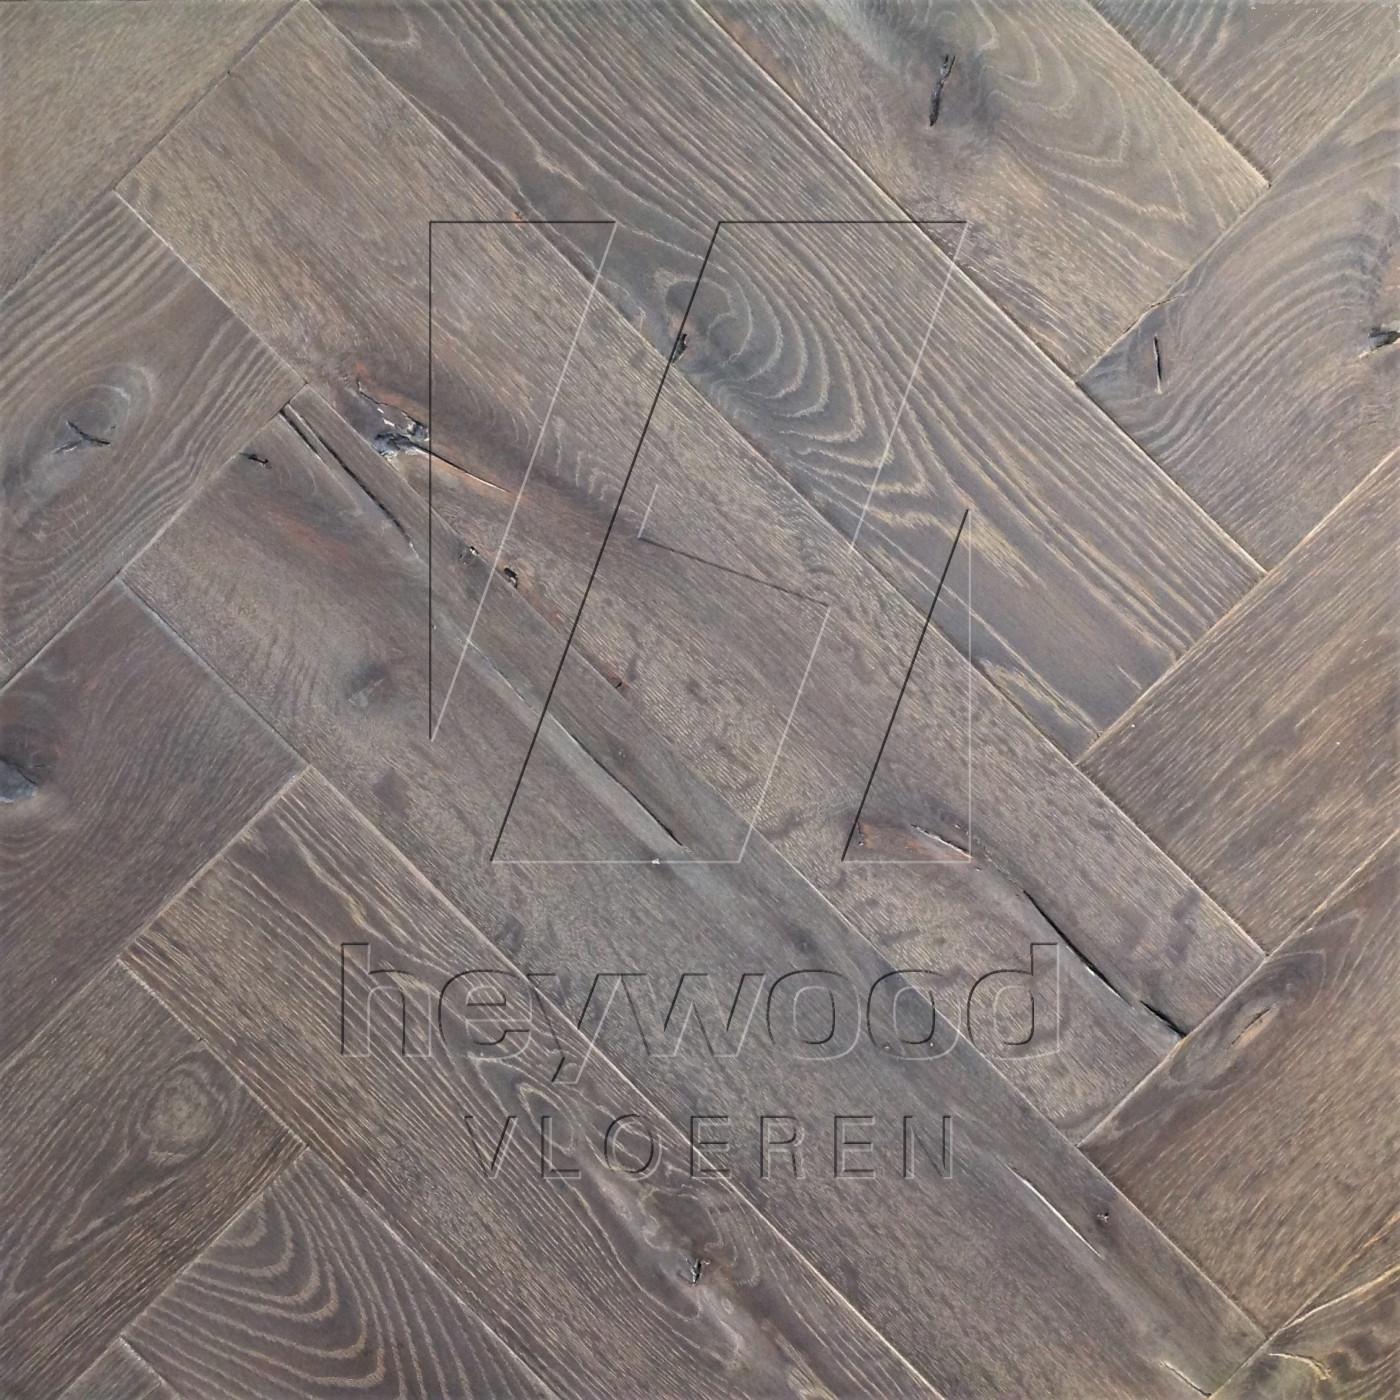 Antique Herringbone 'Gran Paradiso' in Herringbone of Pattern & Panel Floors